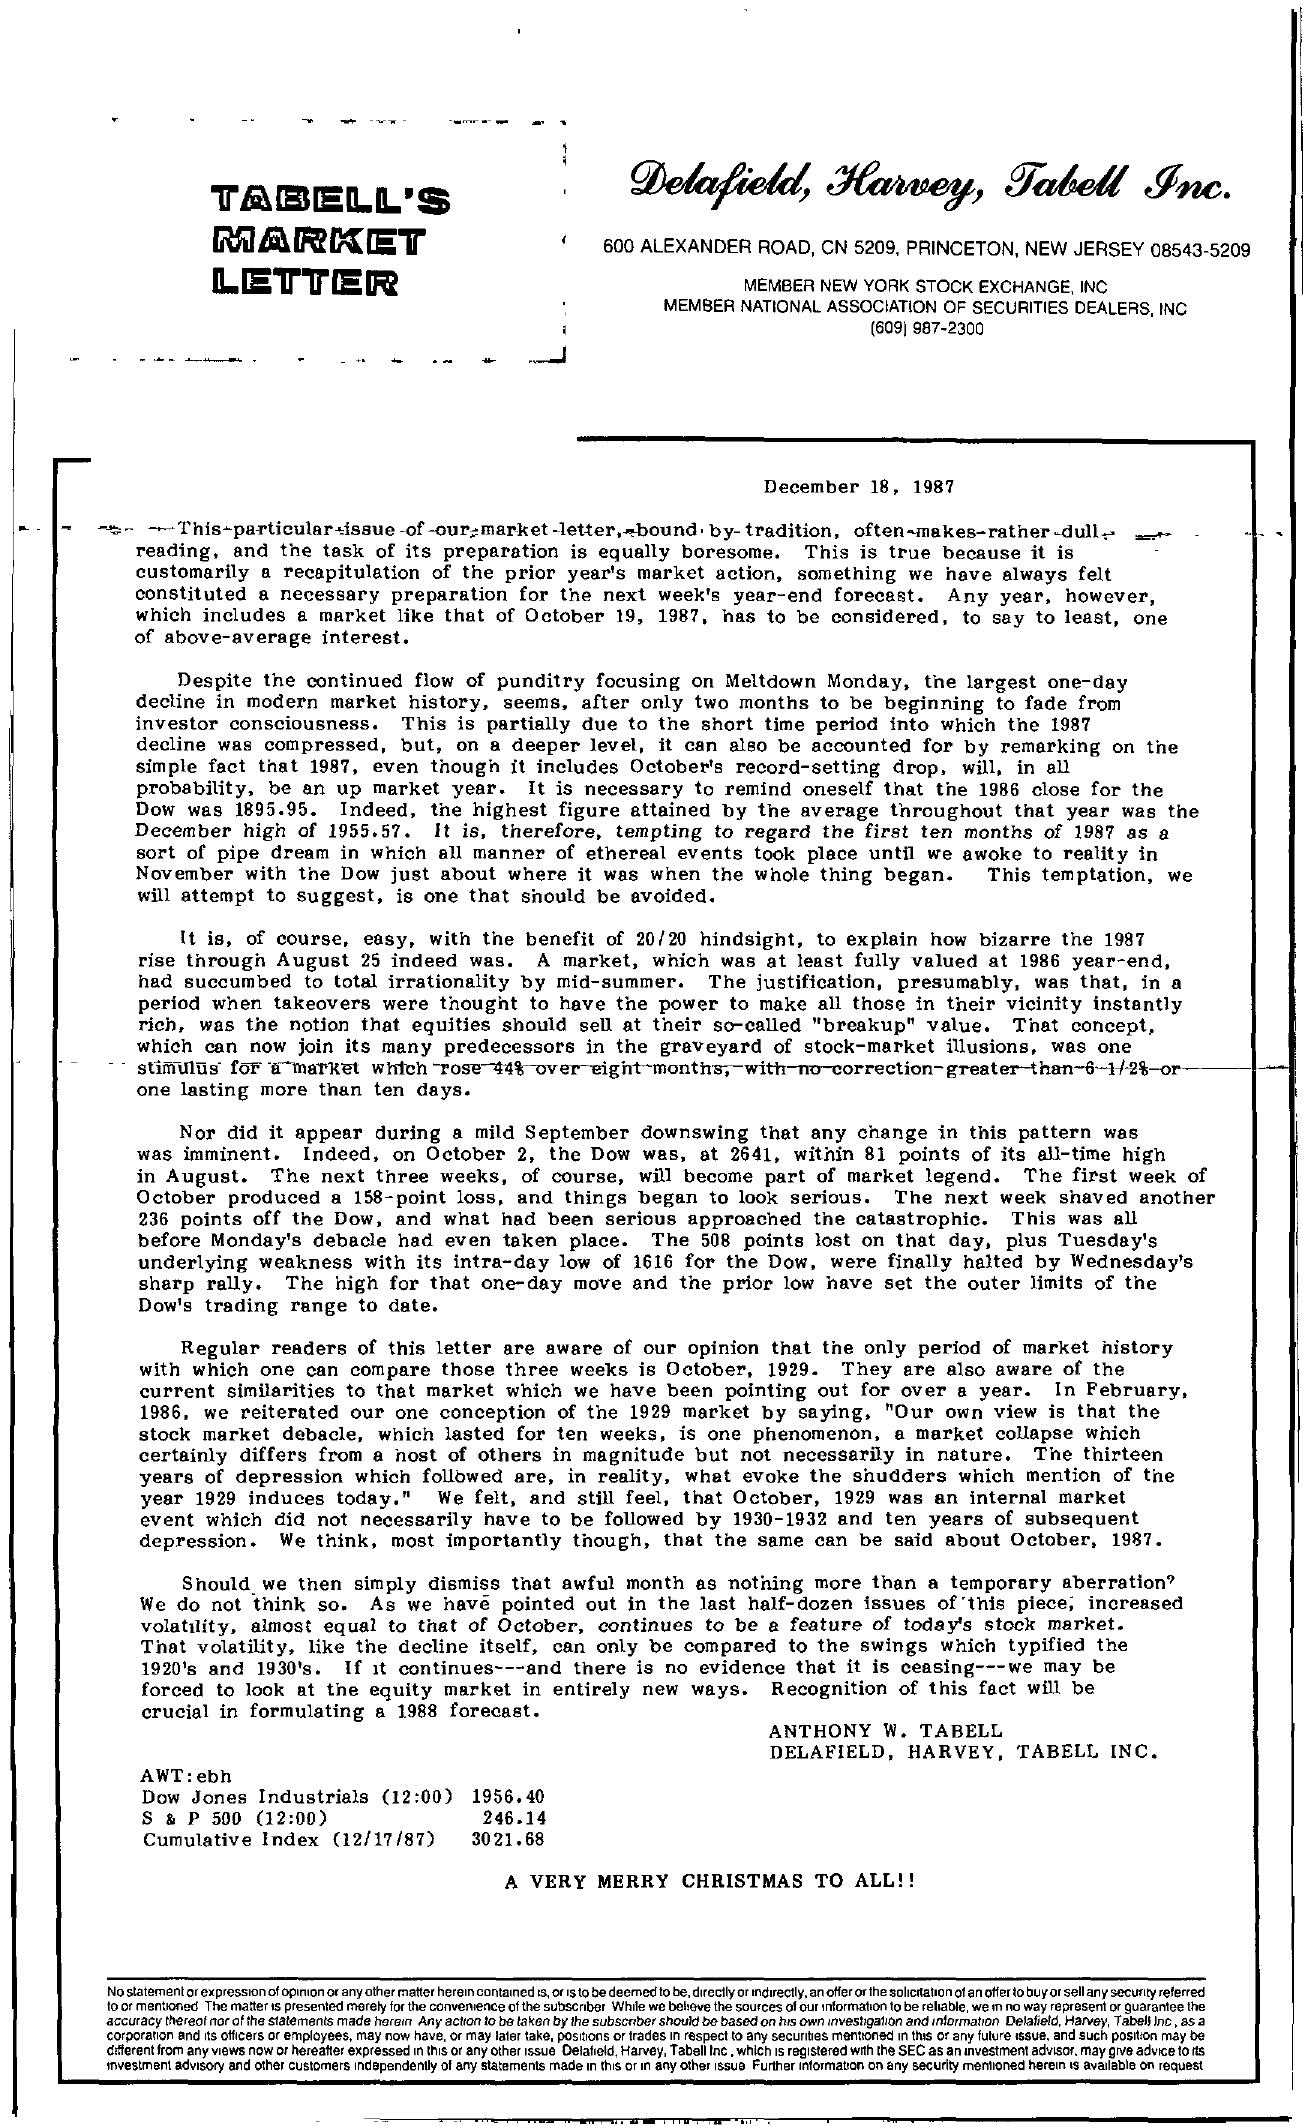 Tabell's Market Letter - December 18, 1987